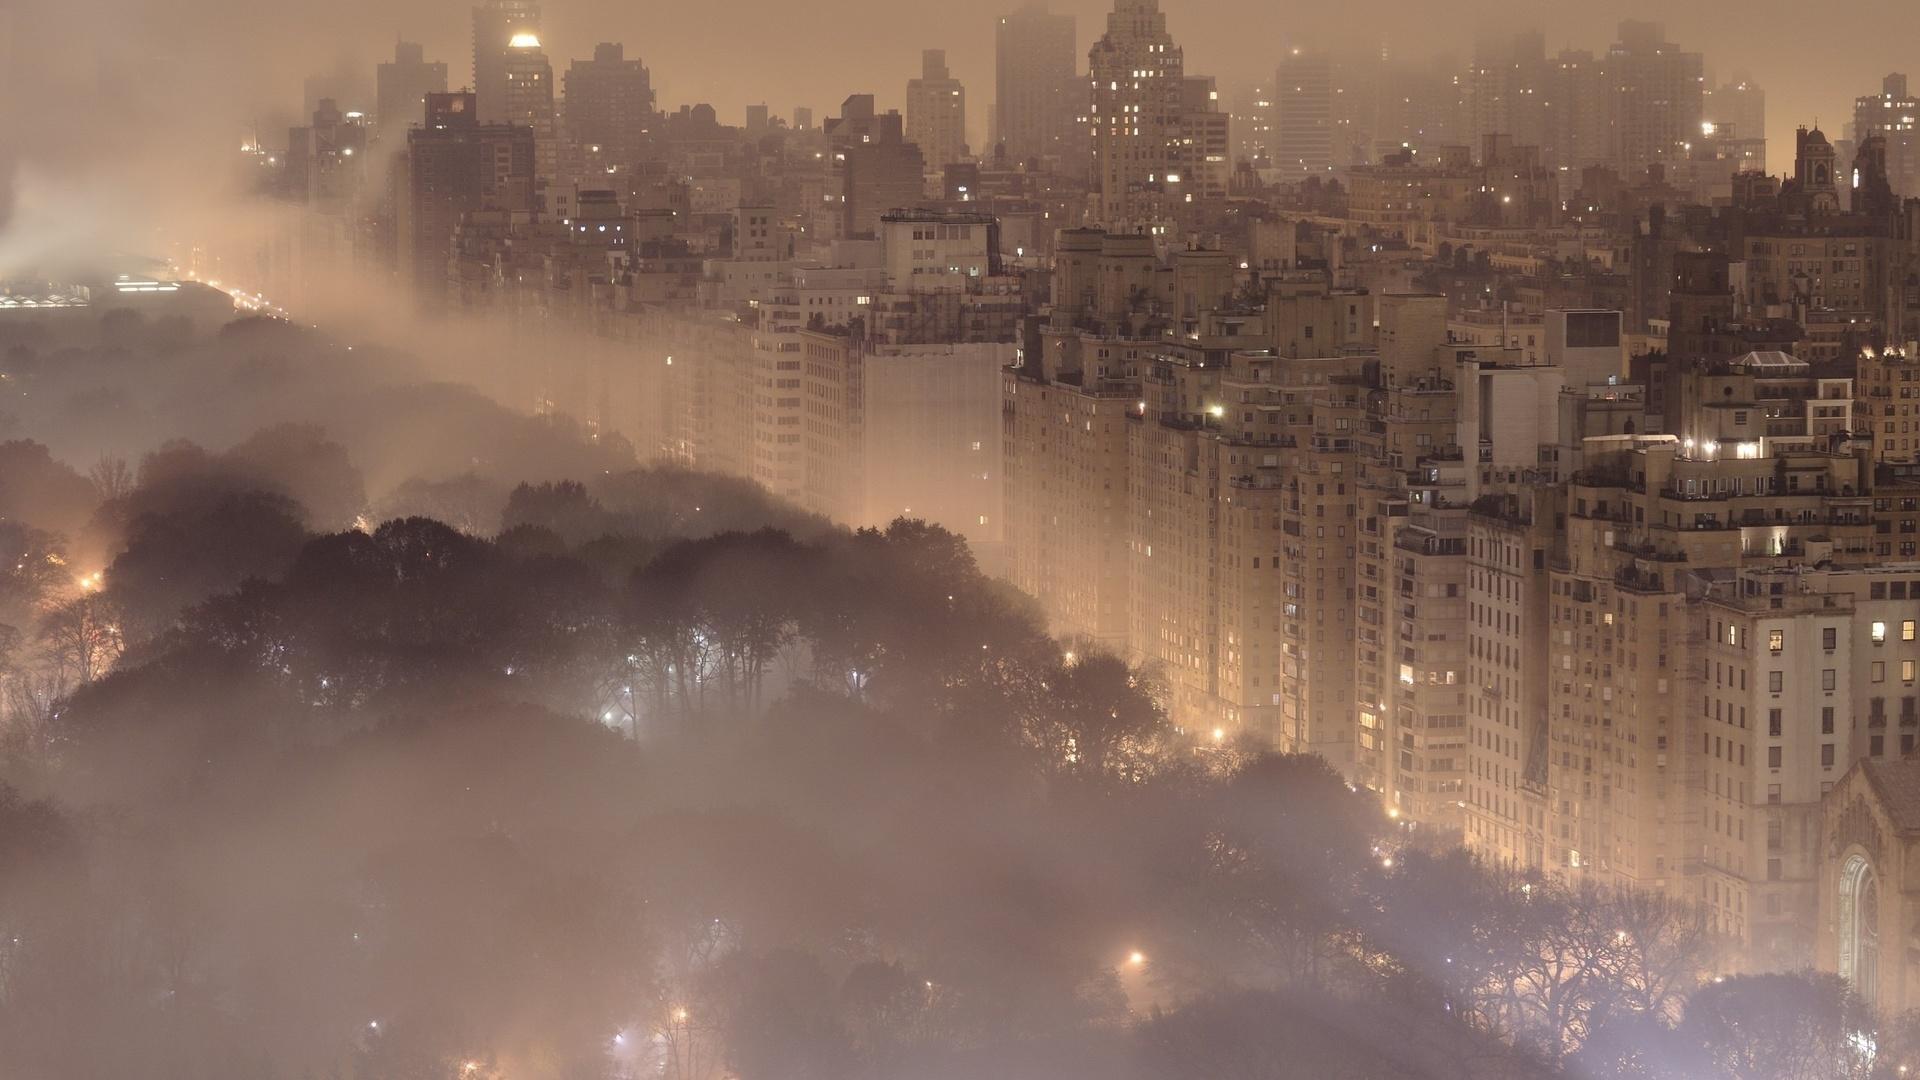 города, пейзажи, нью-йорк, new york, город, ночь, огни, туман, центральный парк, central park, здания